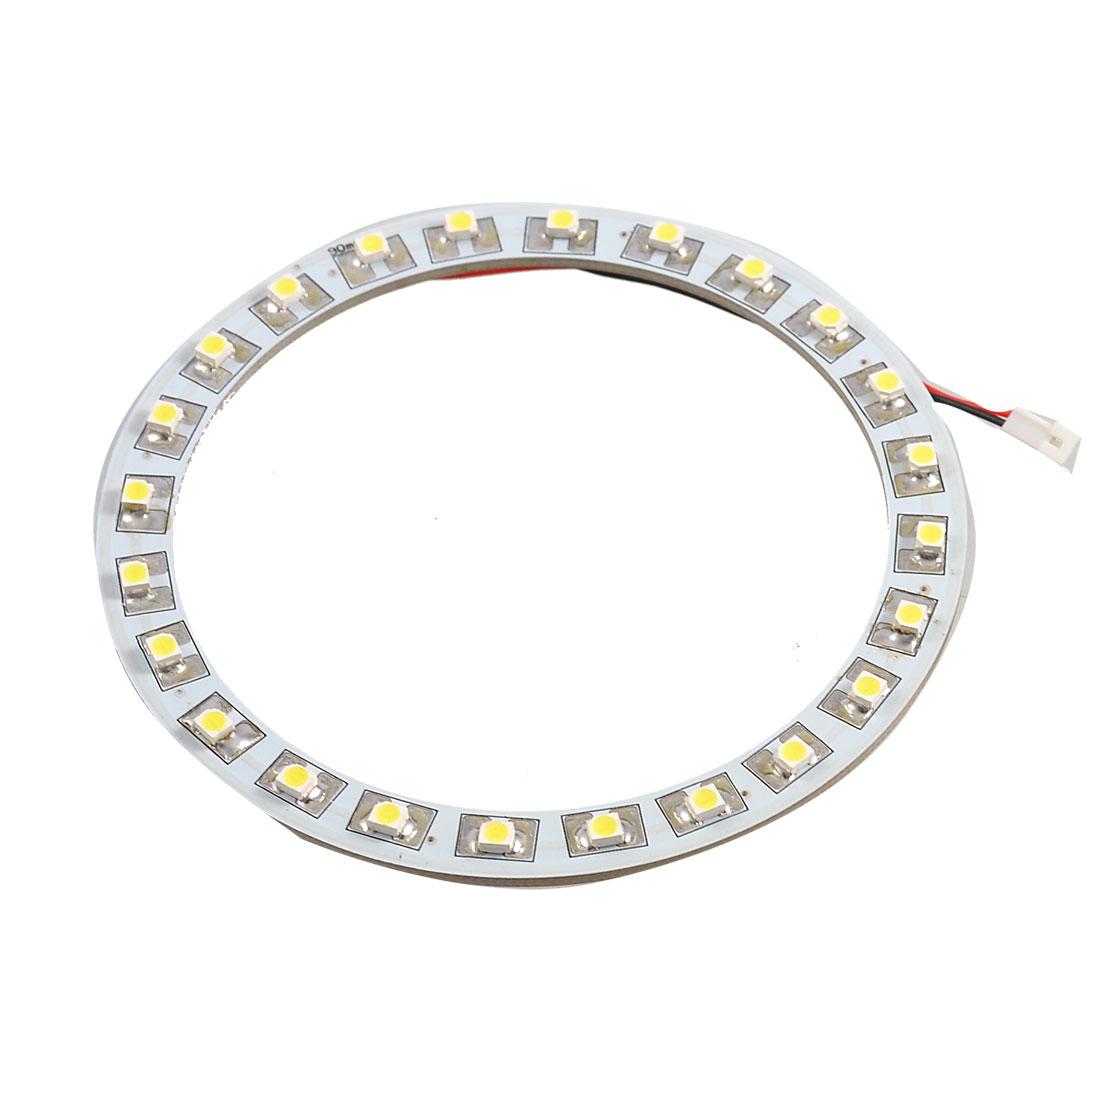 90mm White 24 SMD LEDs Car Angel Eyes Ring Headlight Light Lamp